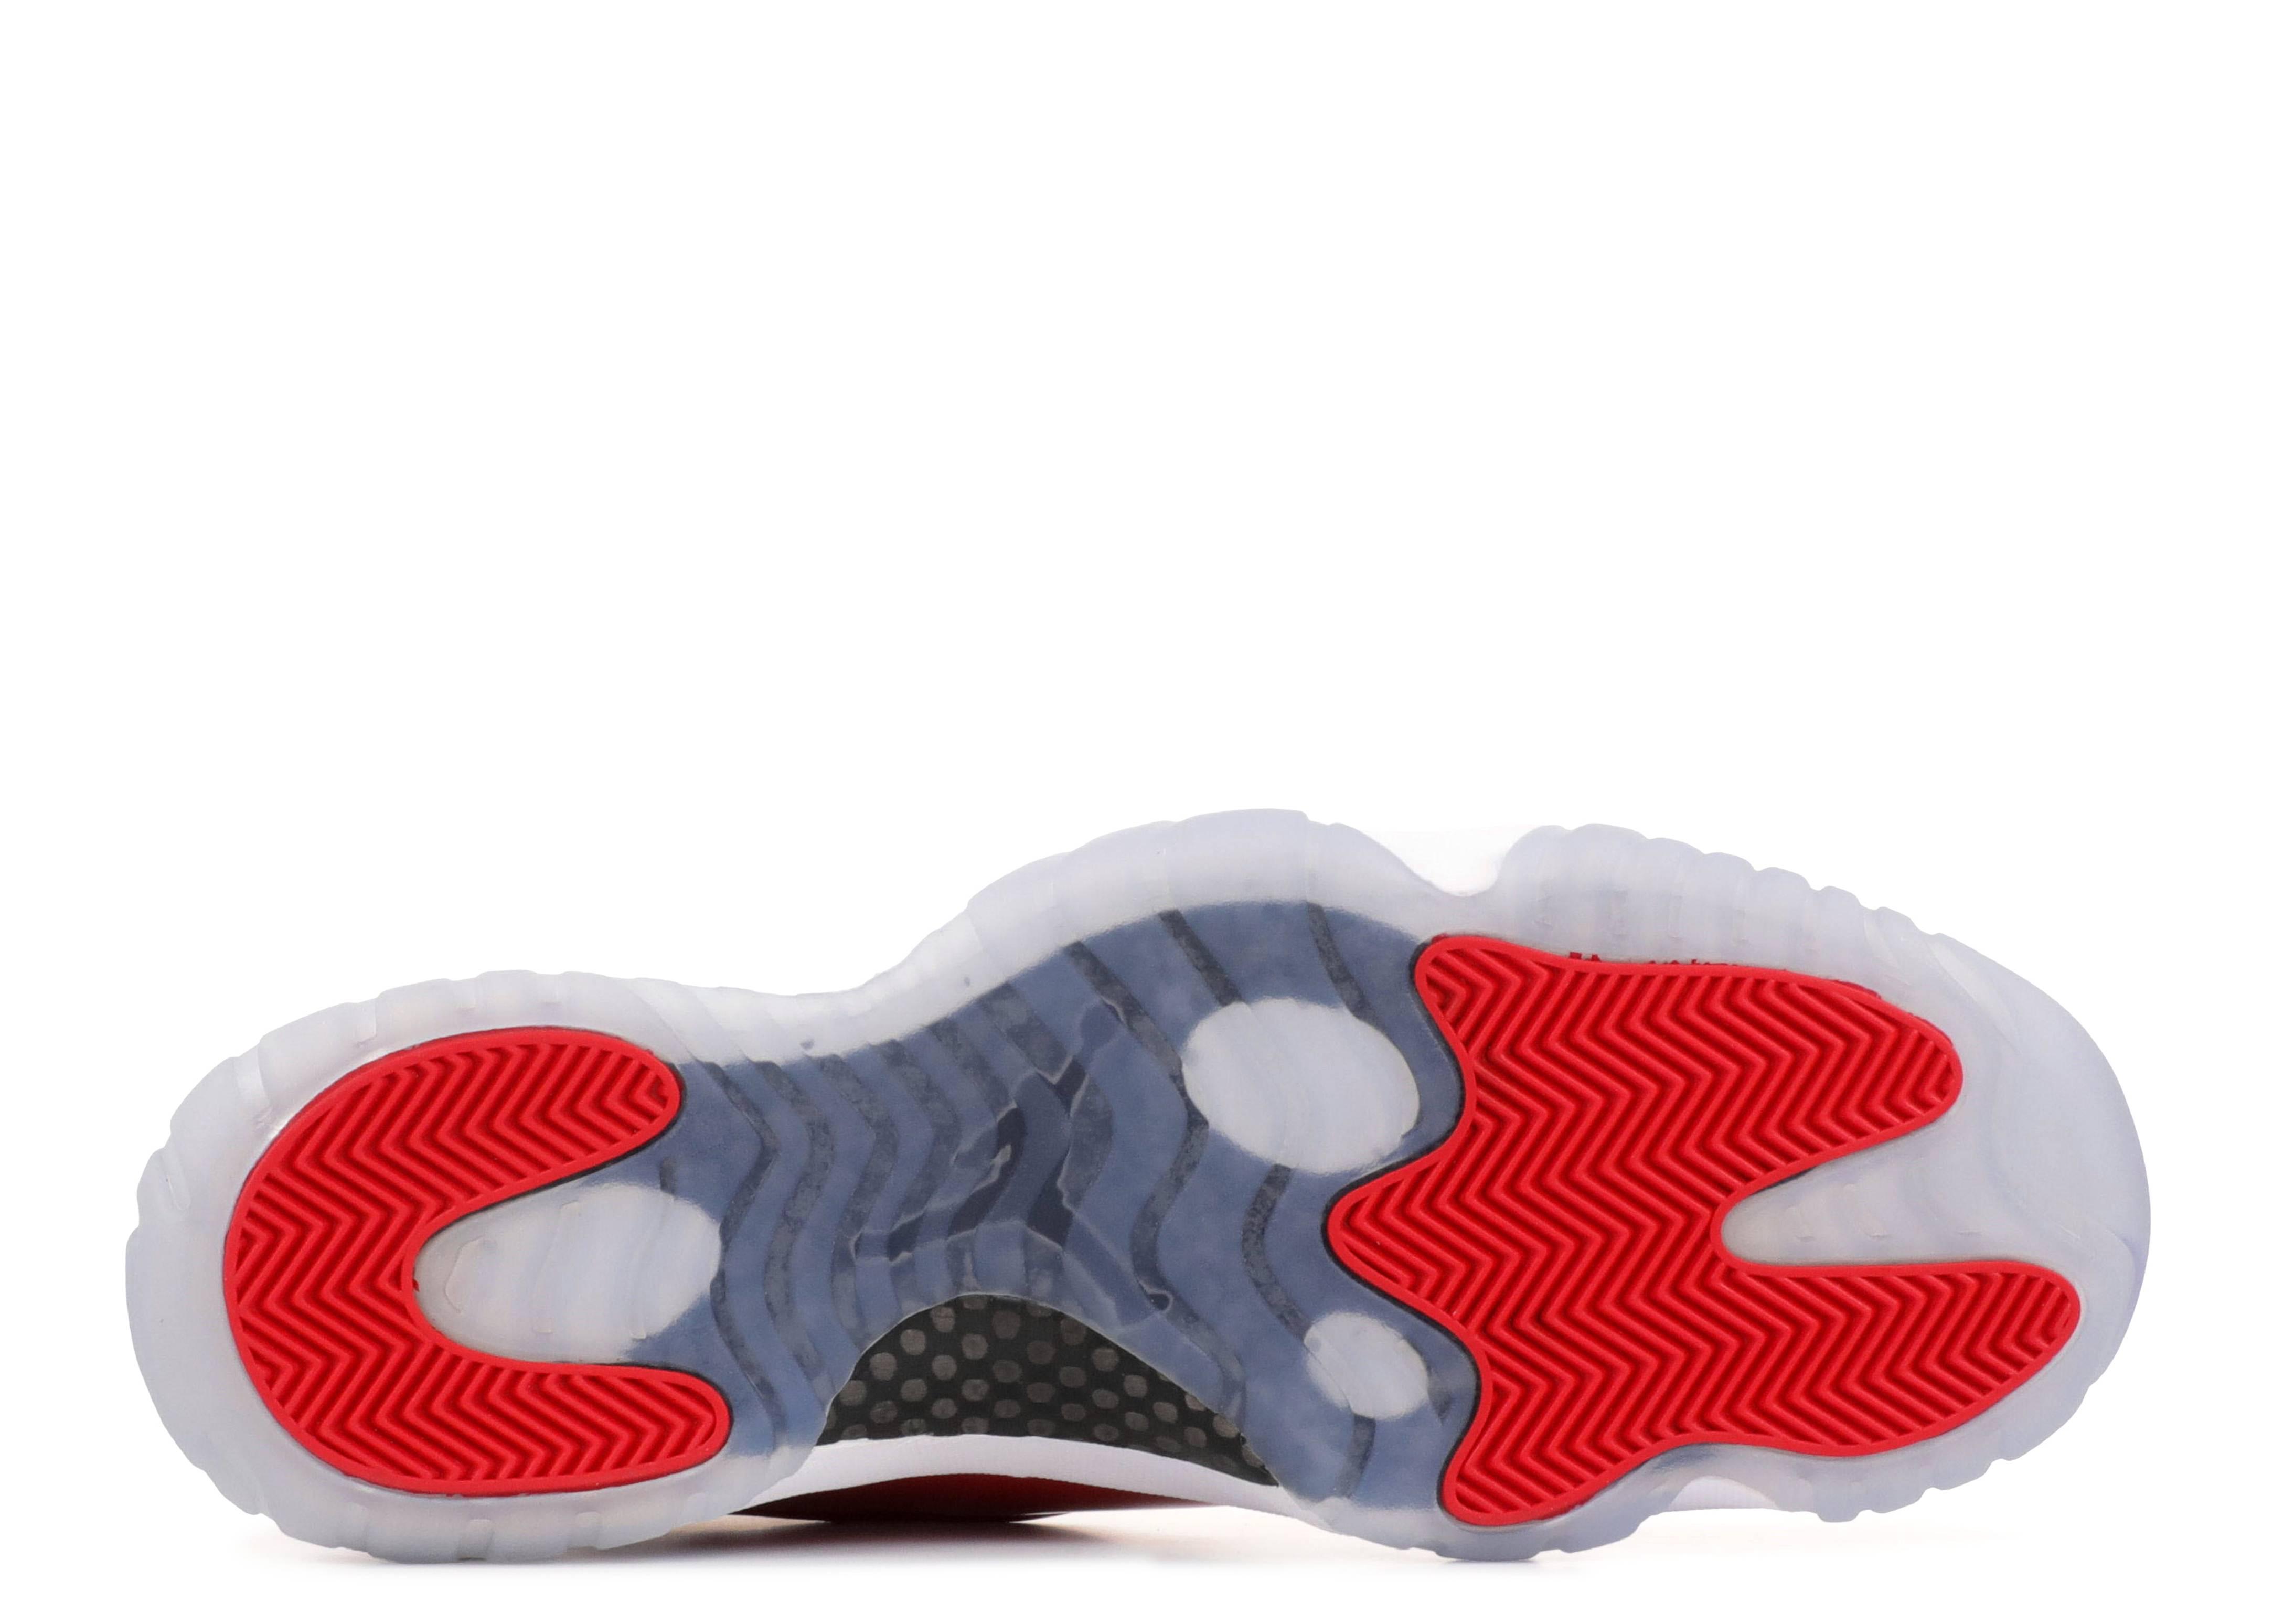 Air Jordan 11 Retro